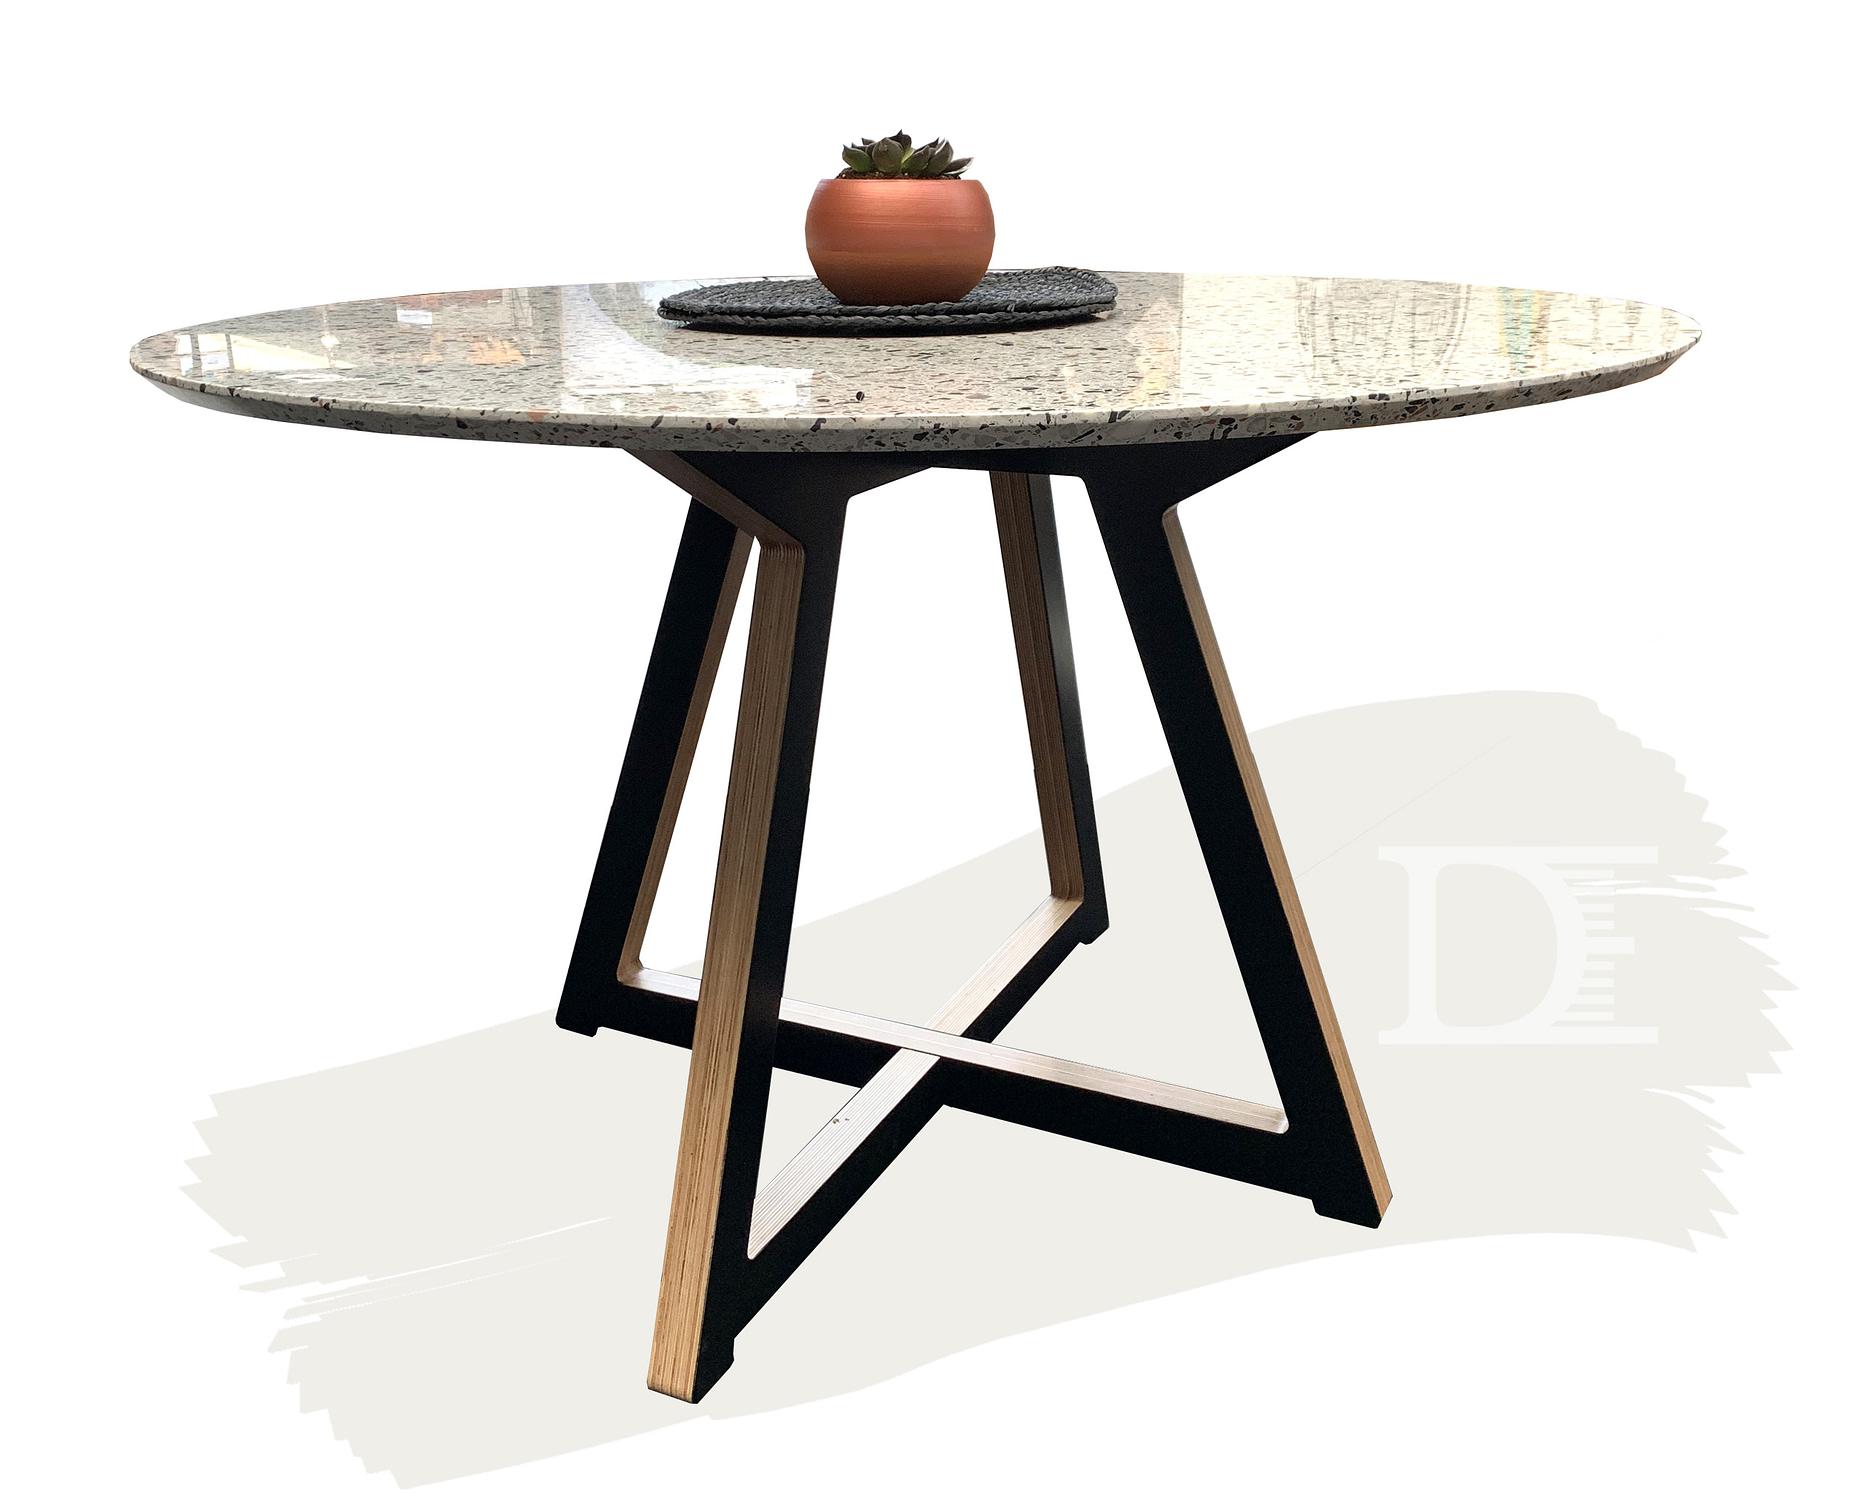 Demesure-Table-Terrazzo